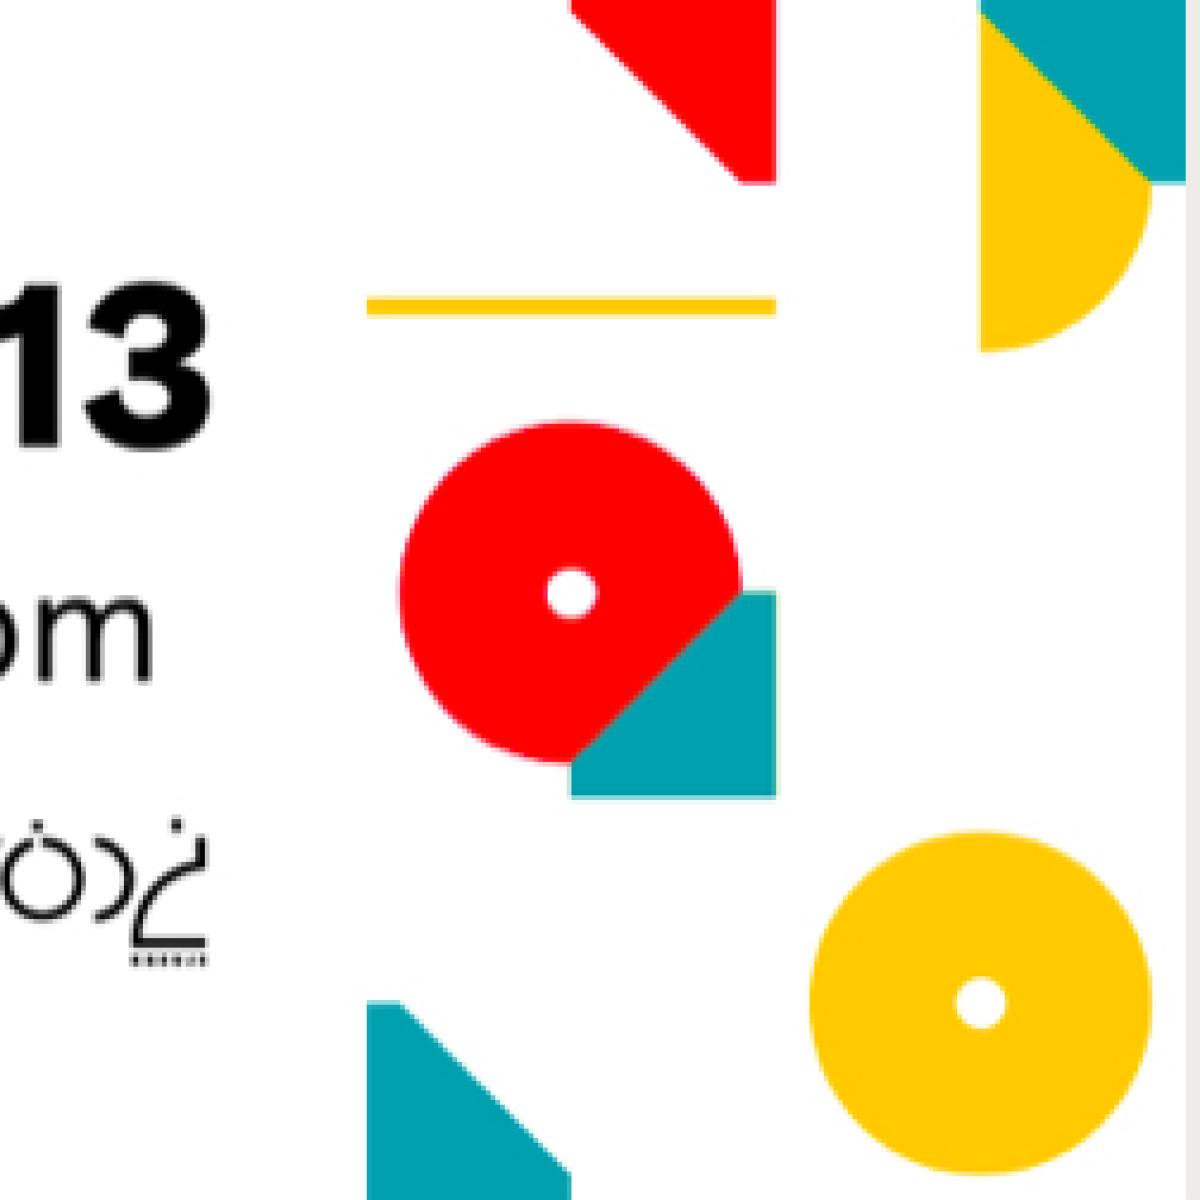 Rusza 7. Międzynarodowy Festiwal Designu w Łodzi!